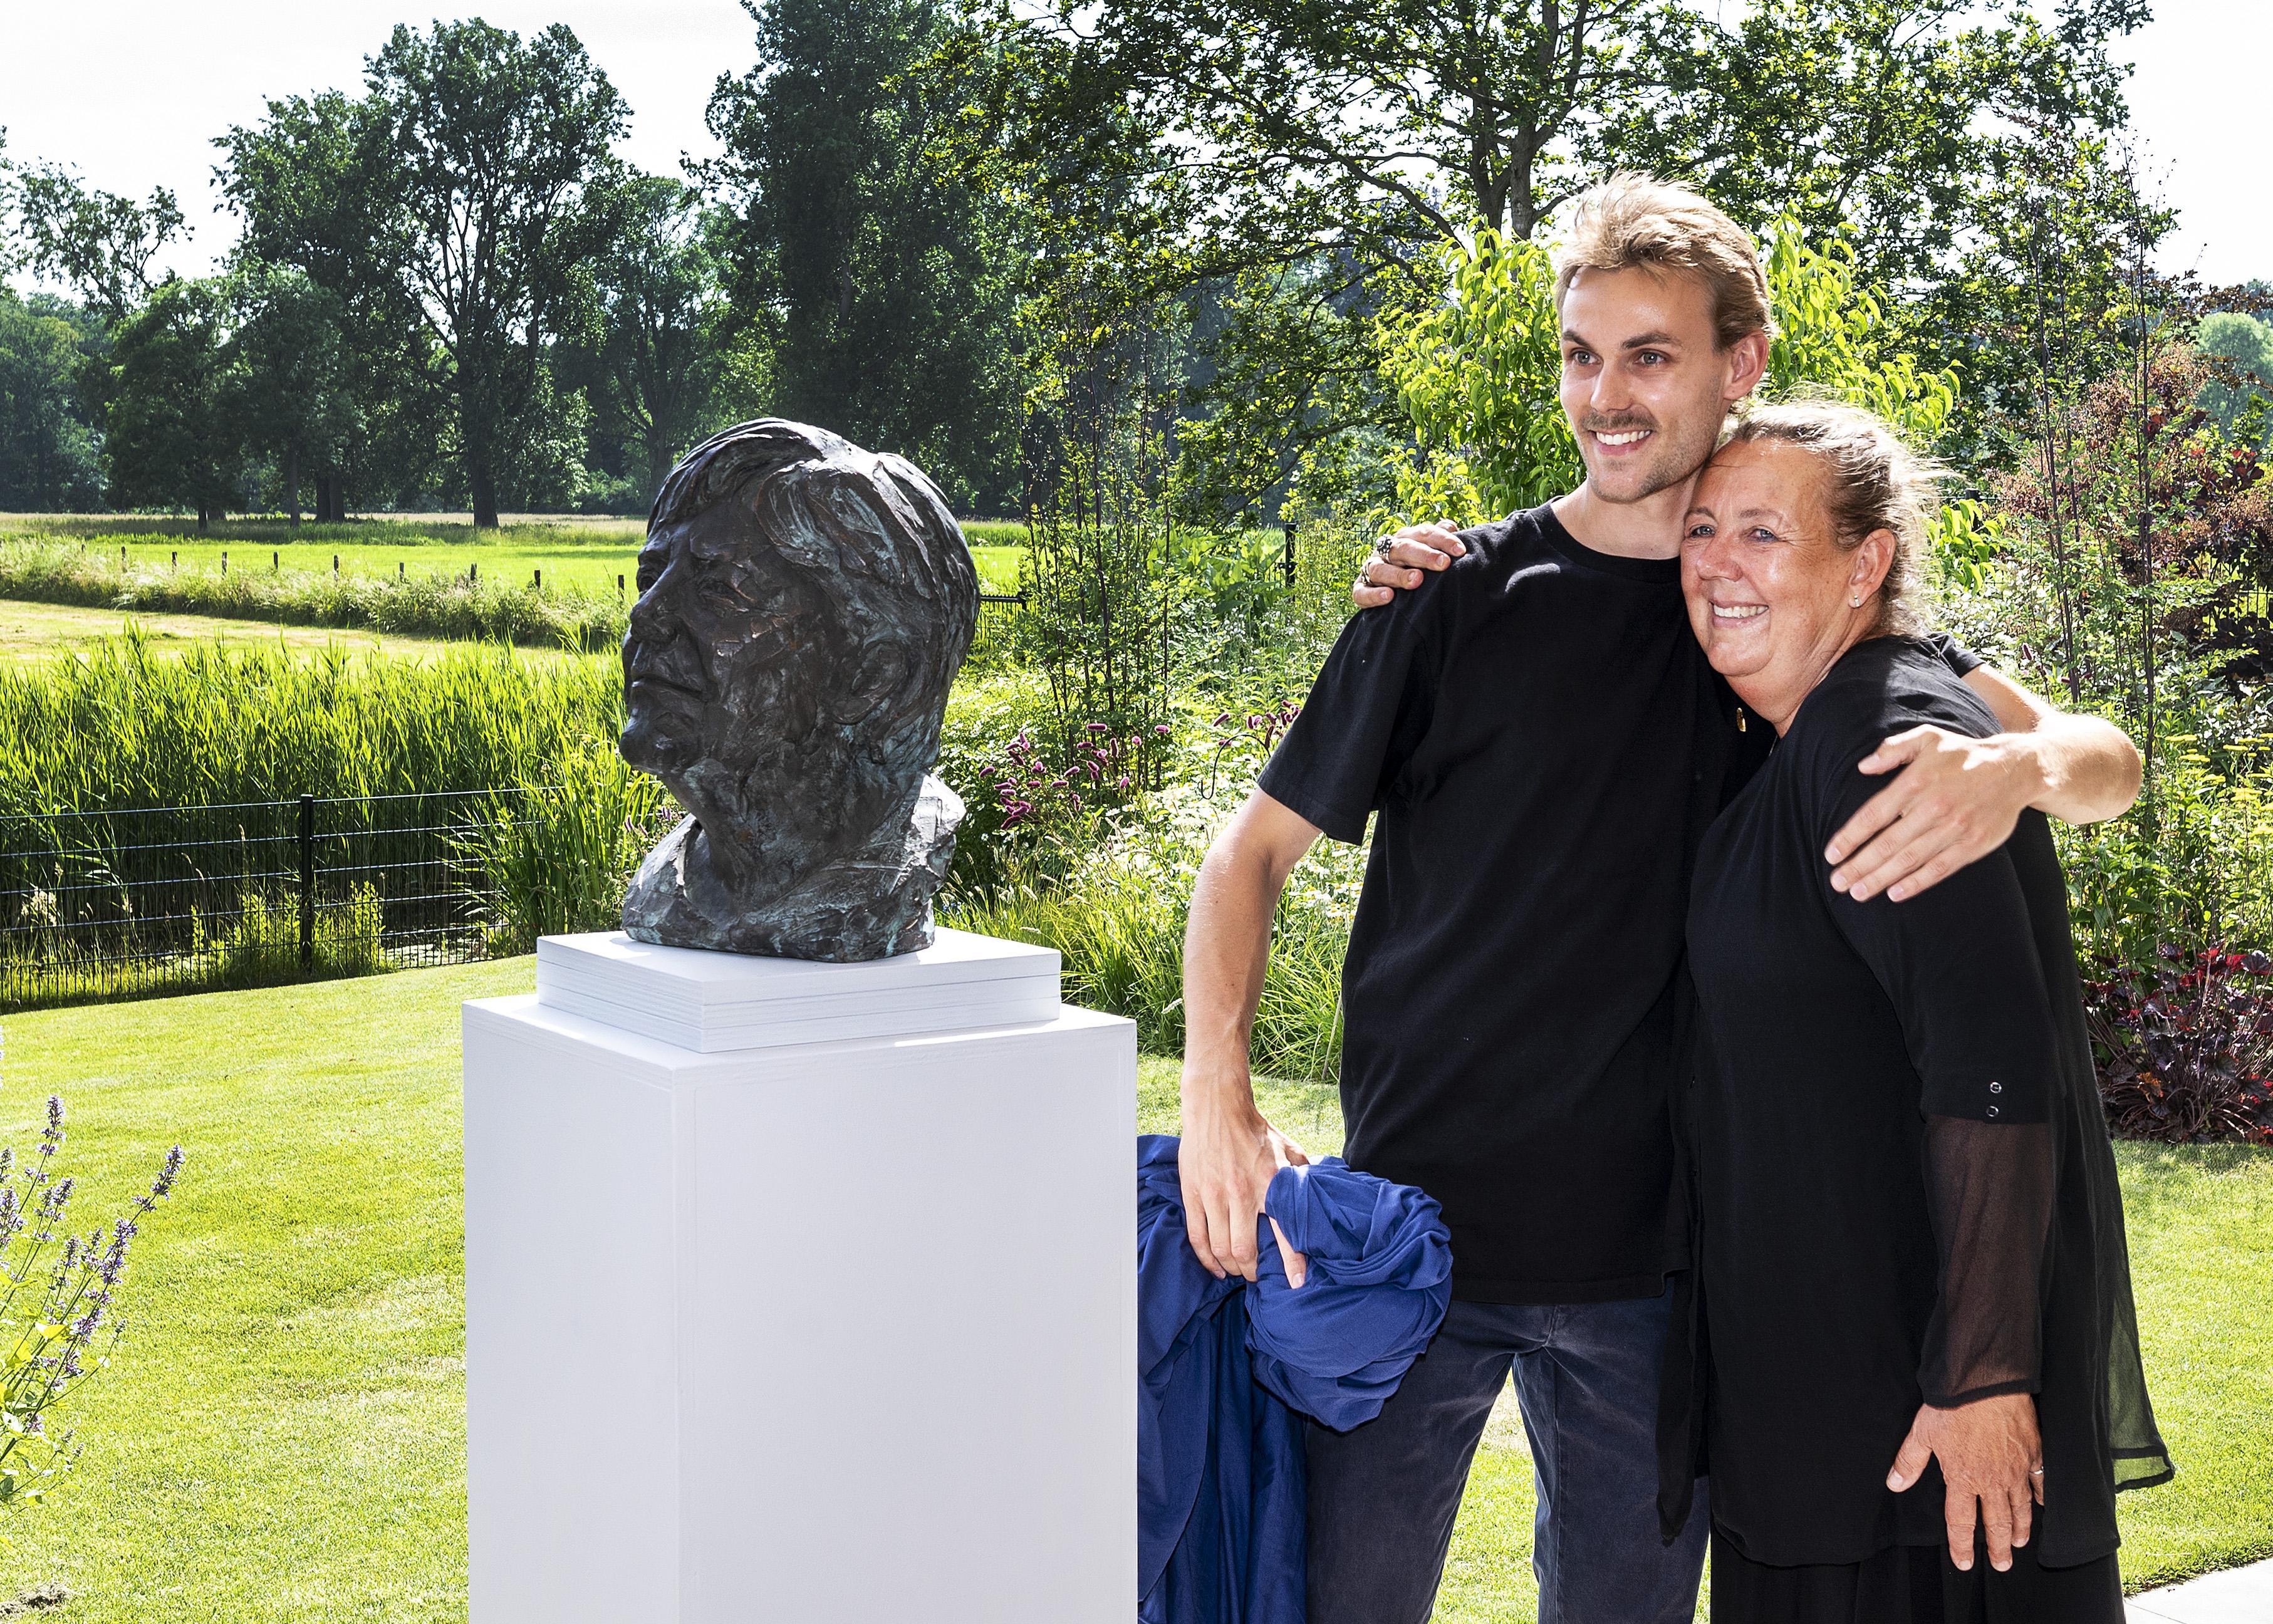 Haarlemse beeldhouwer is in de ban van Angela Merkel. Haar fascinatie heeft ze in brons gegoten: 'Een wereldleider die een mens is gebleven'